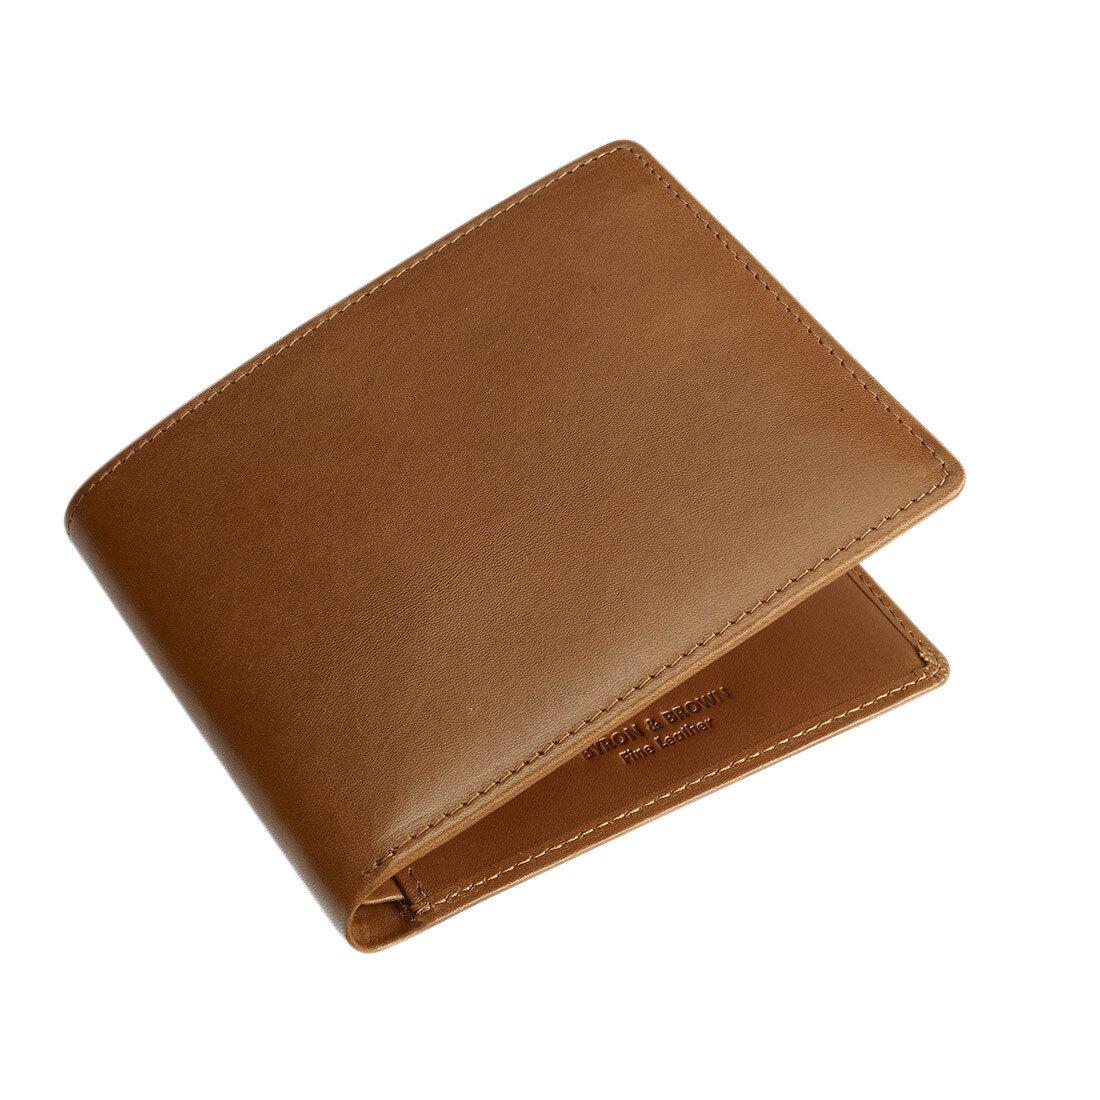 Byron & italien-cadeau Marron -gentleman 's 8 carte portefeuille-cuir italien-cadeau & Boxed-3 couleurs ca21a8